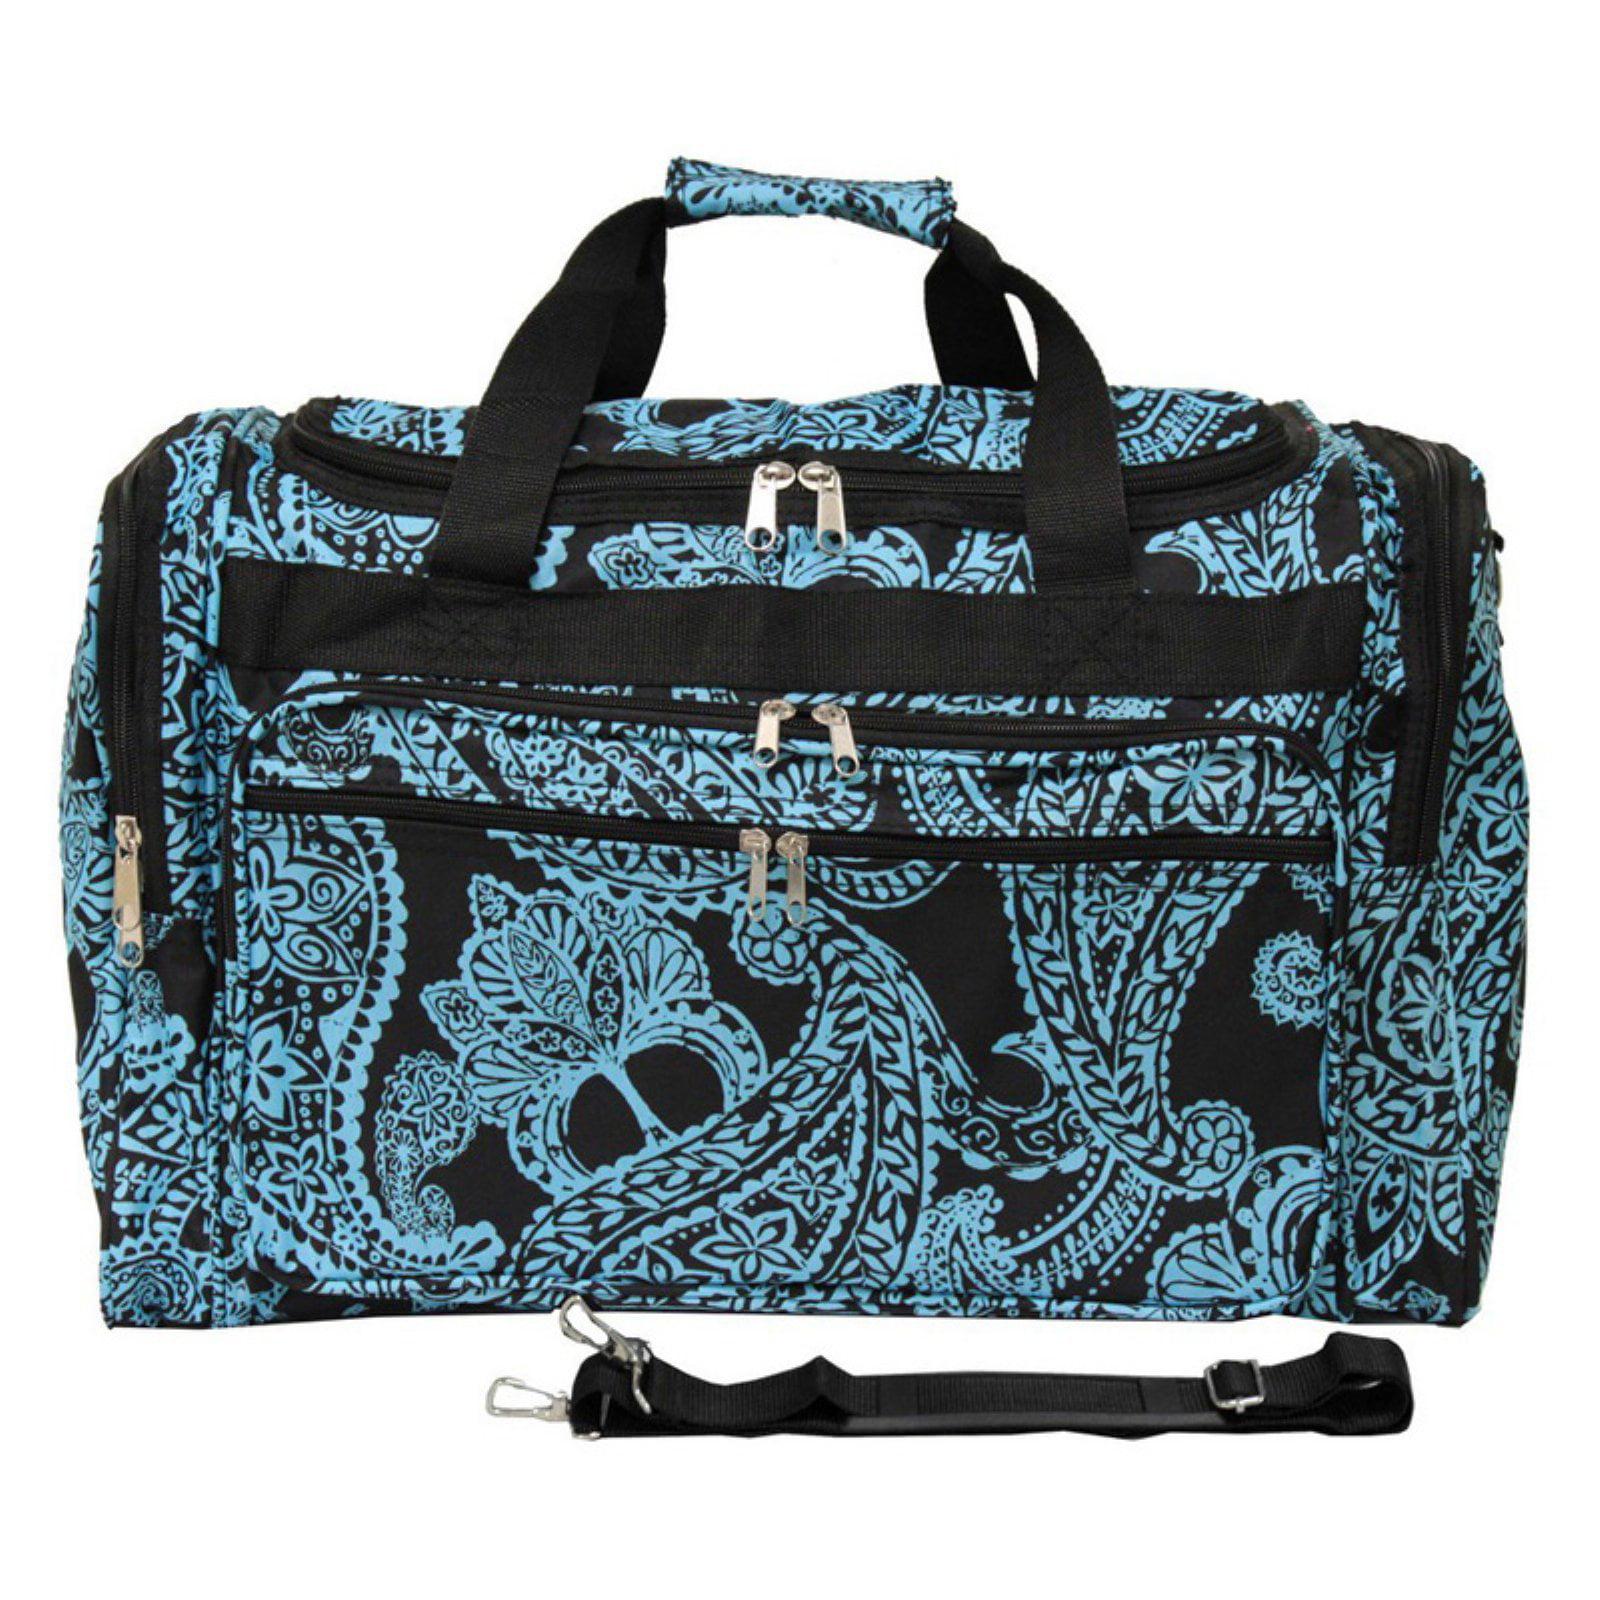 World Traveler Paisley 22 in. Travel Duffel Bag by World Traveler